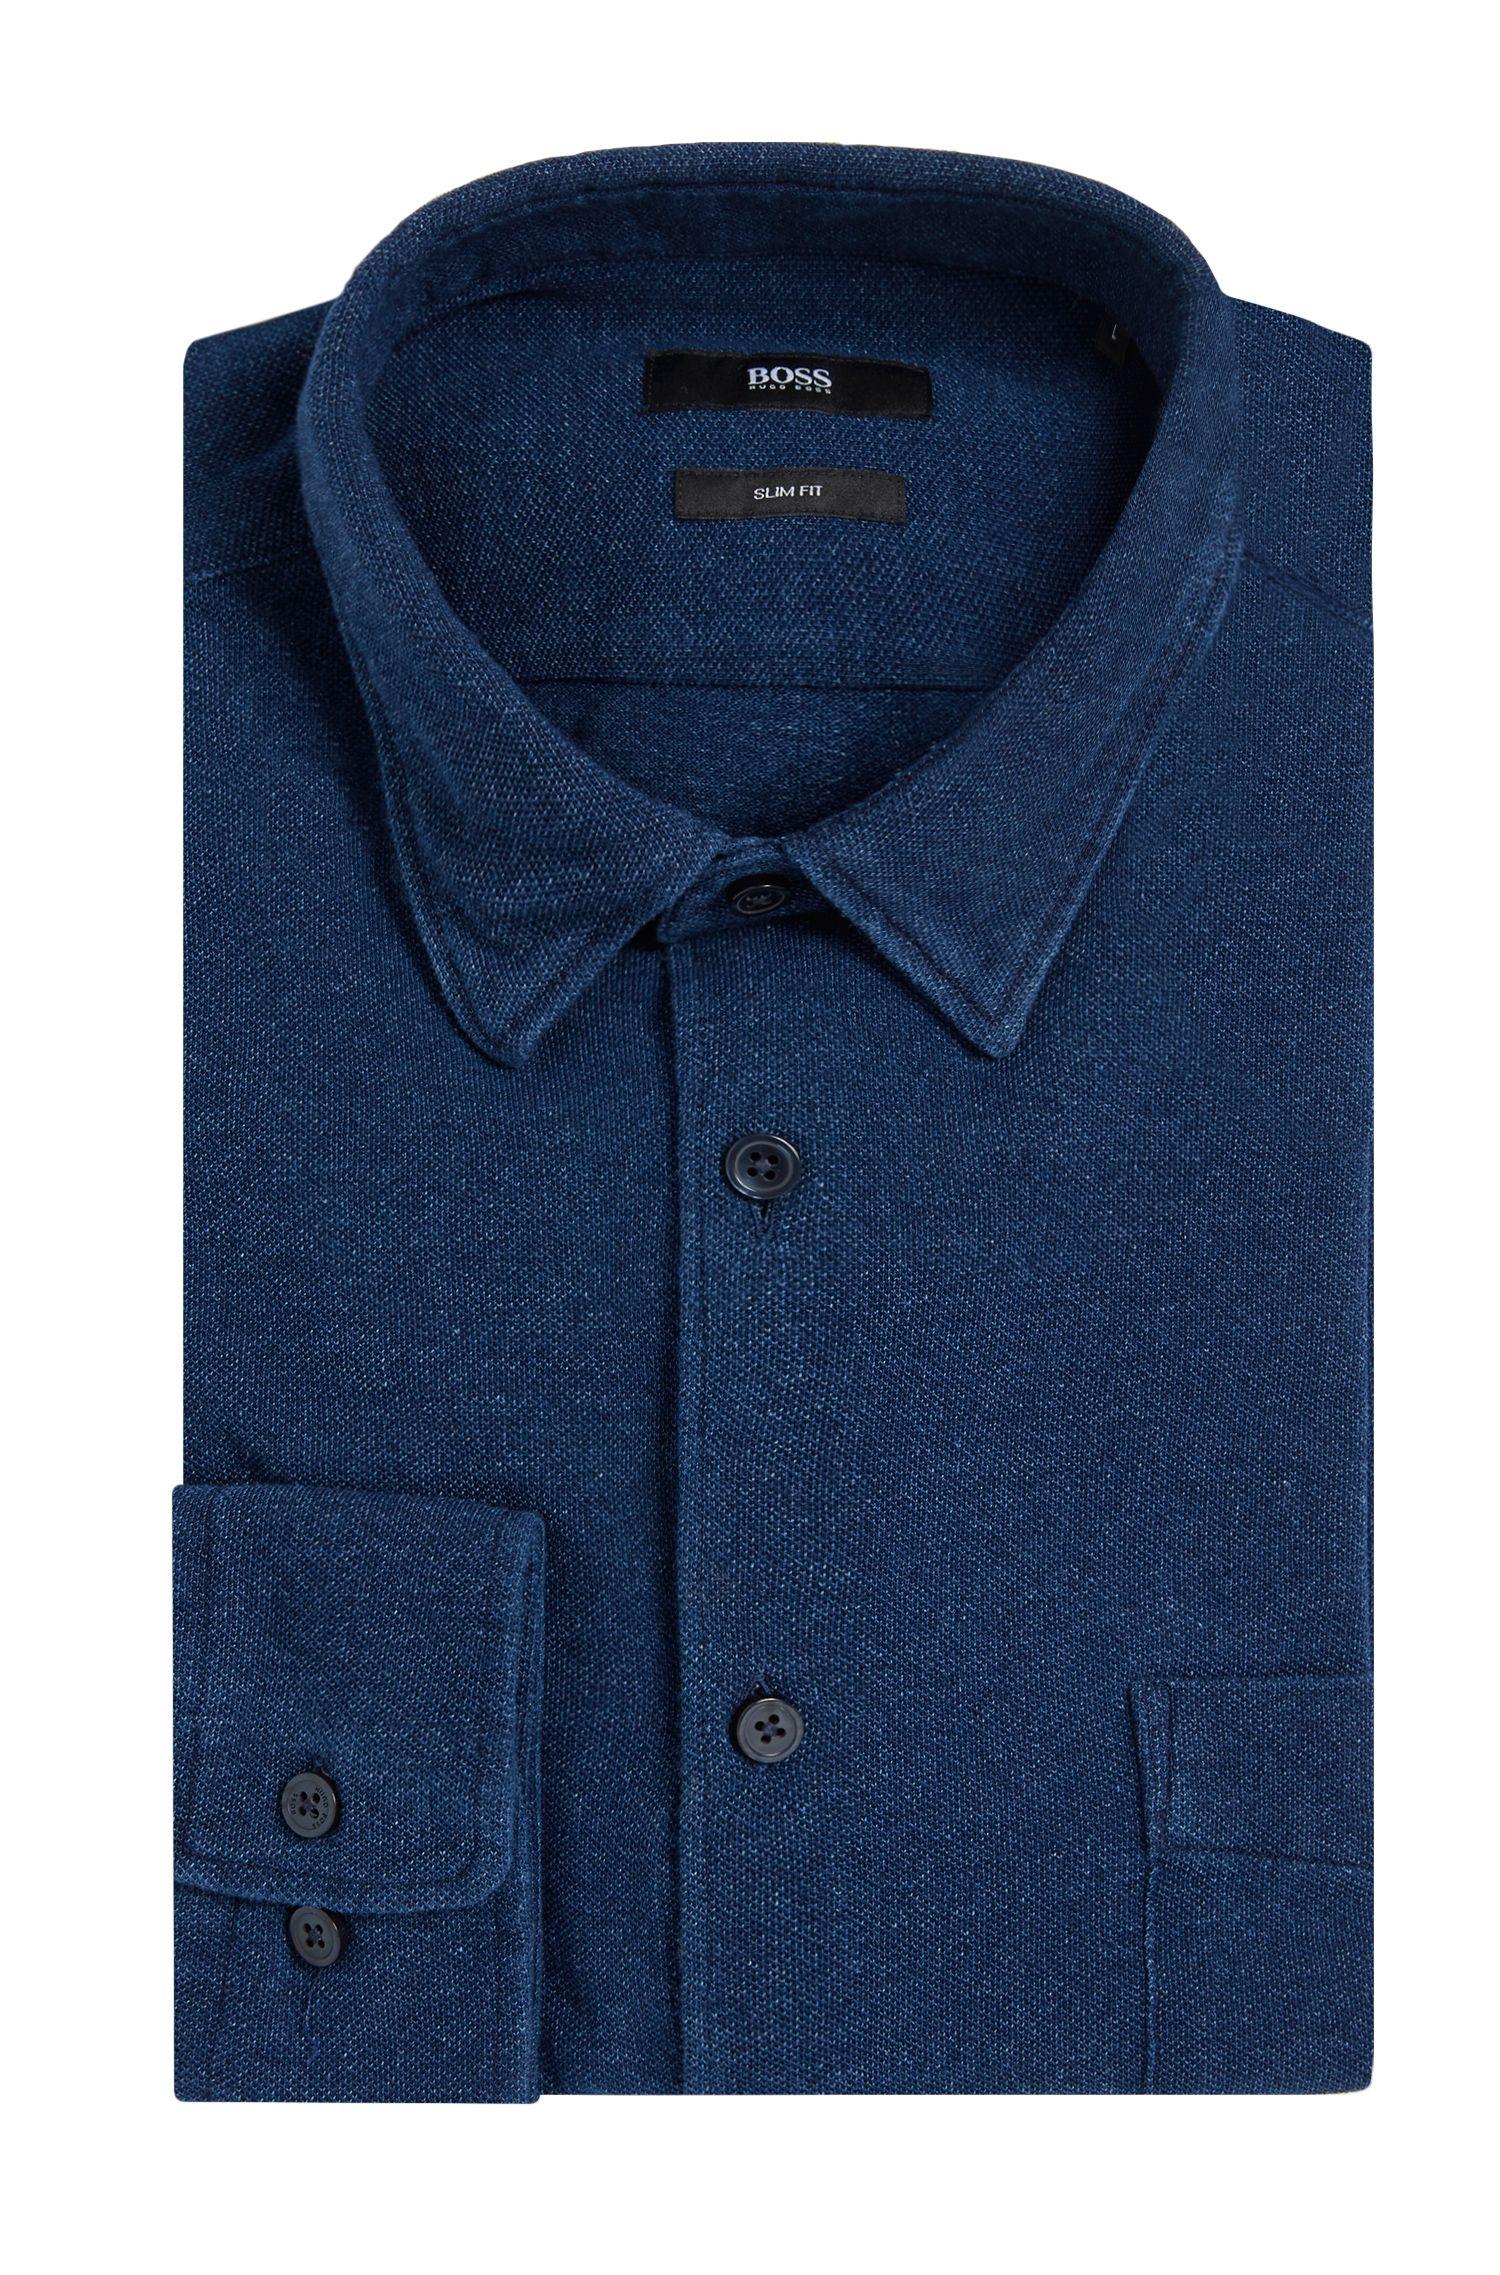 Chemise Slim Fit en coton, au coloris indigo: «Reid_FP»